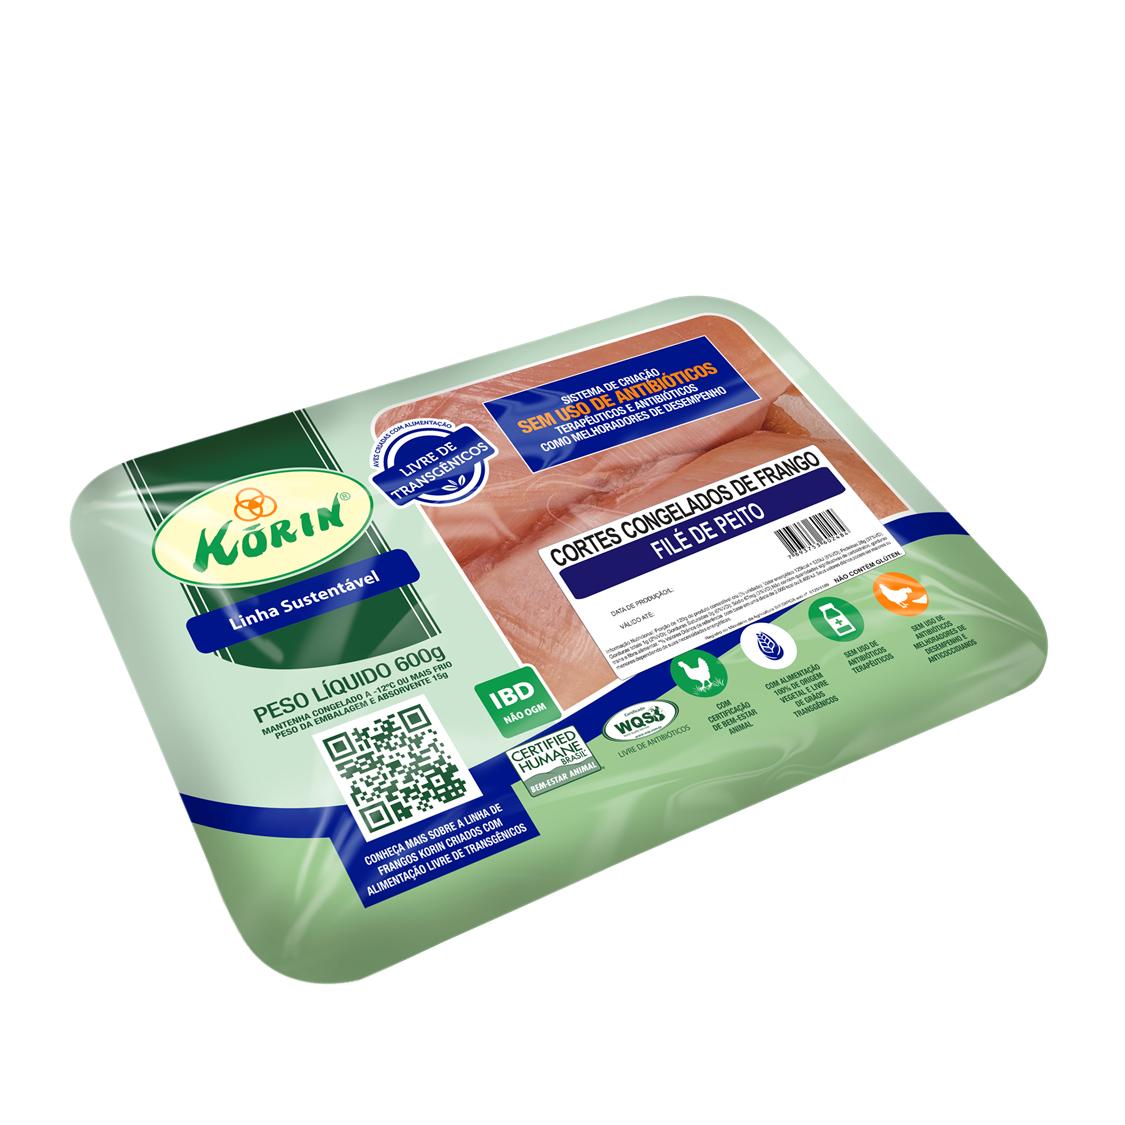 Filé Peito de Frango Sustentável (600g) – Korin